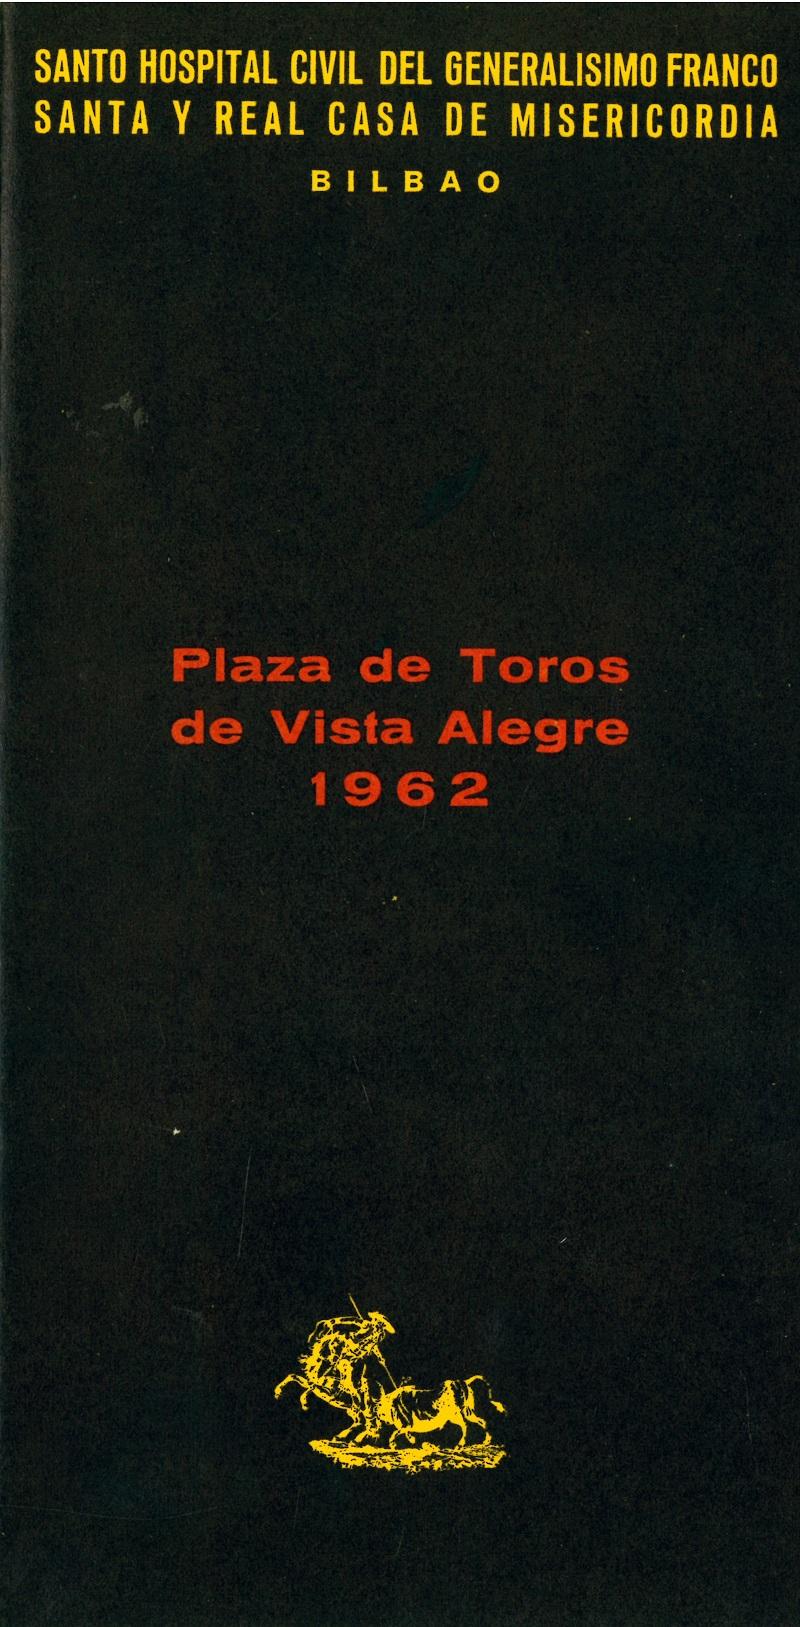 Inauguración de la Plaza de Toros de Vista Alegre